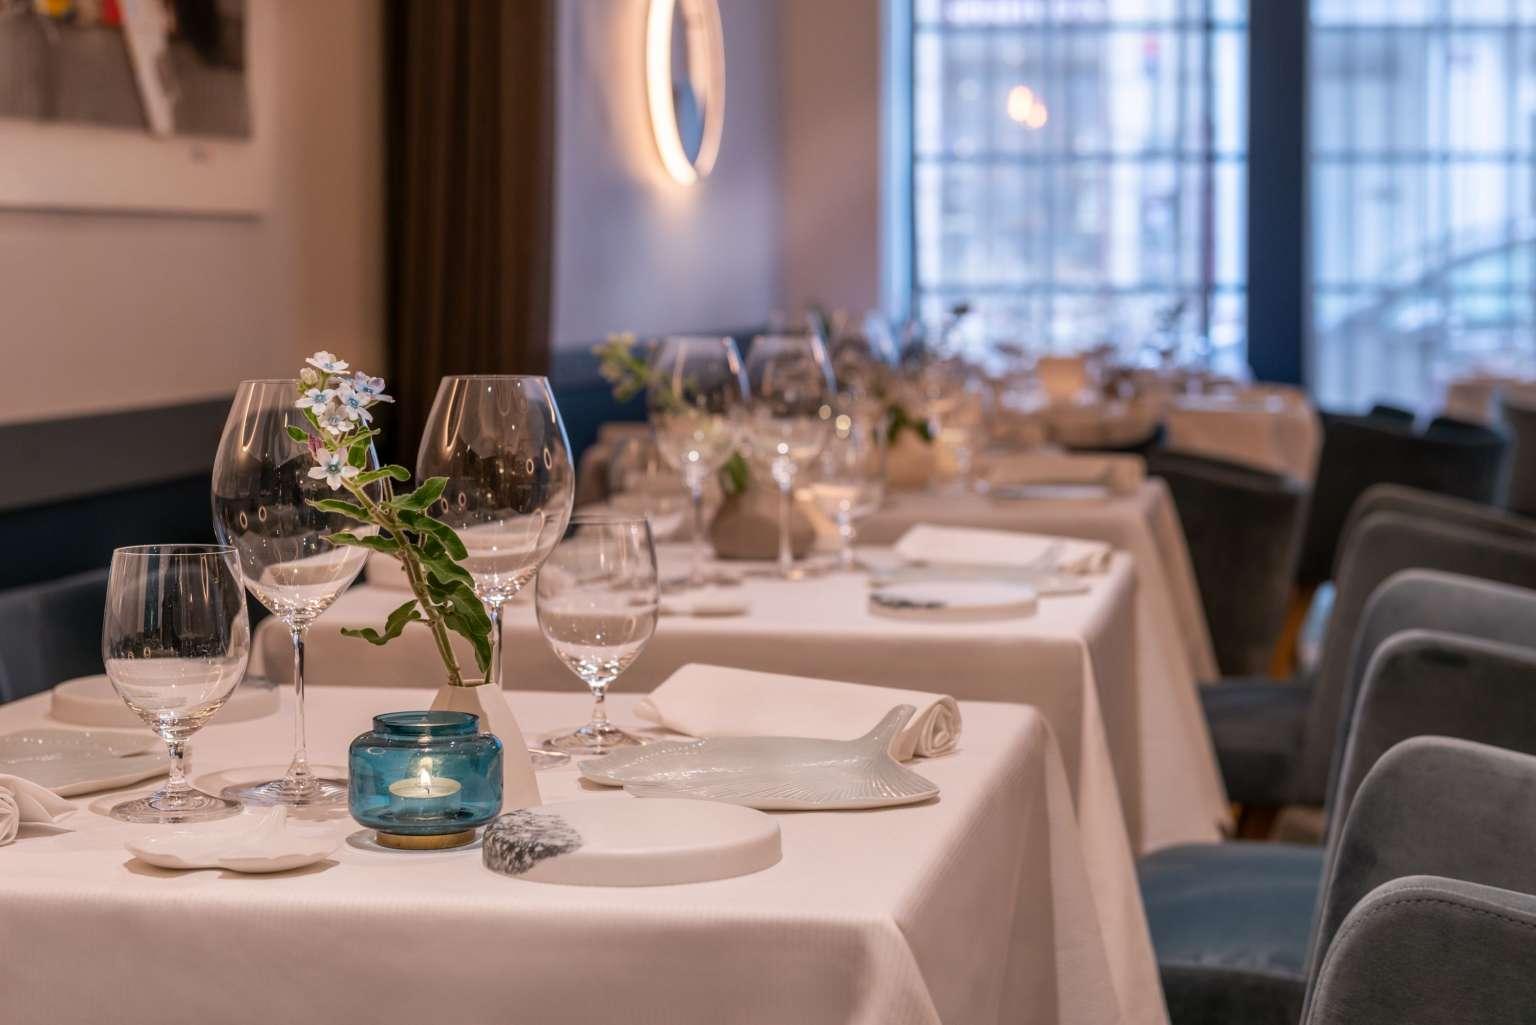 l'Axel Restaurant Dining Room